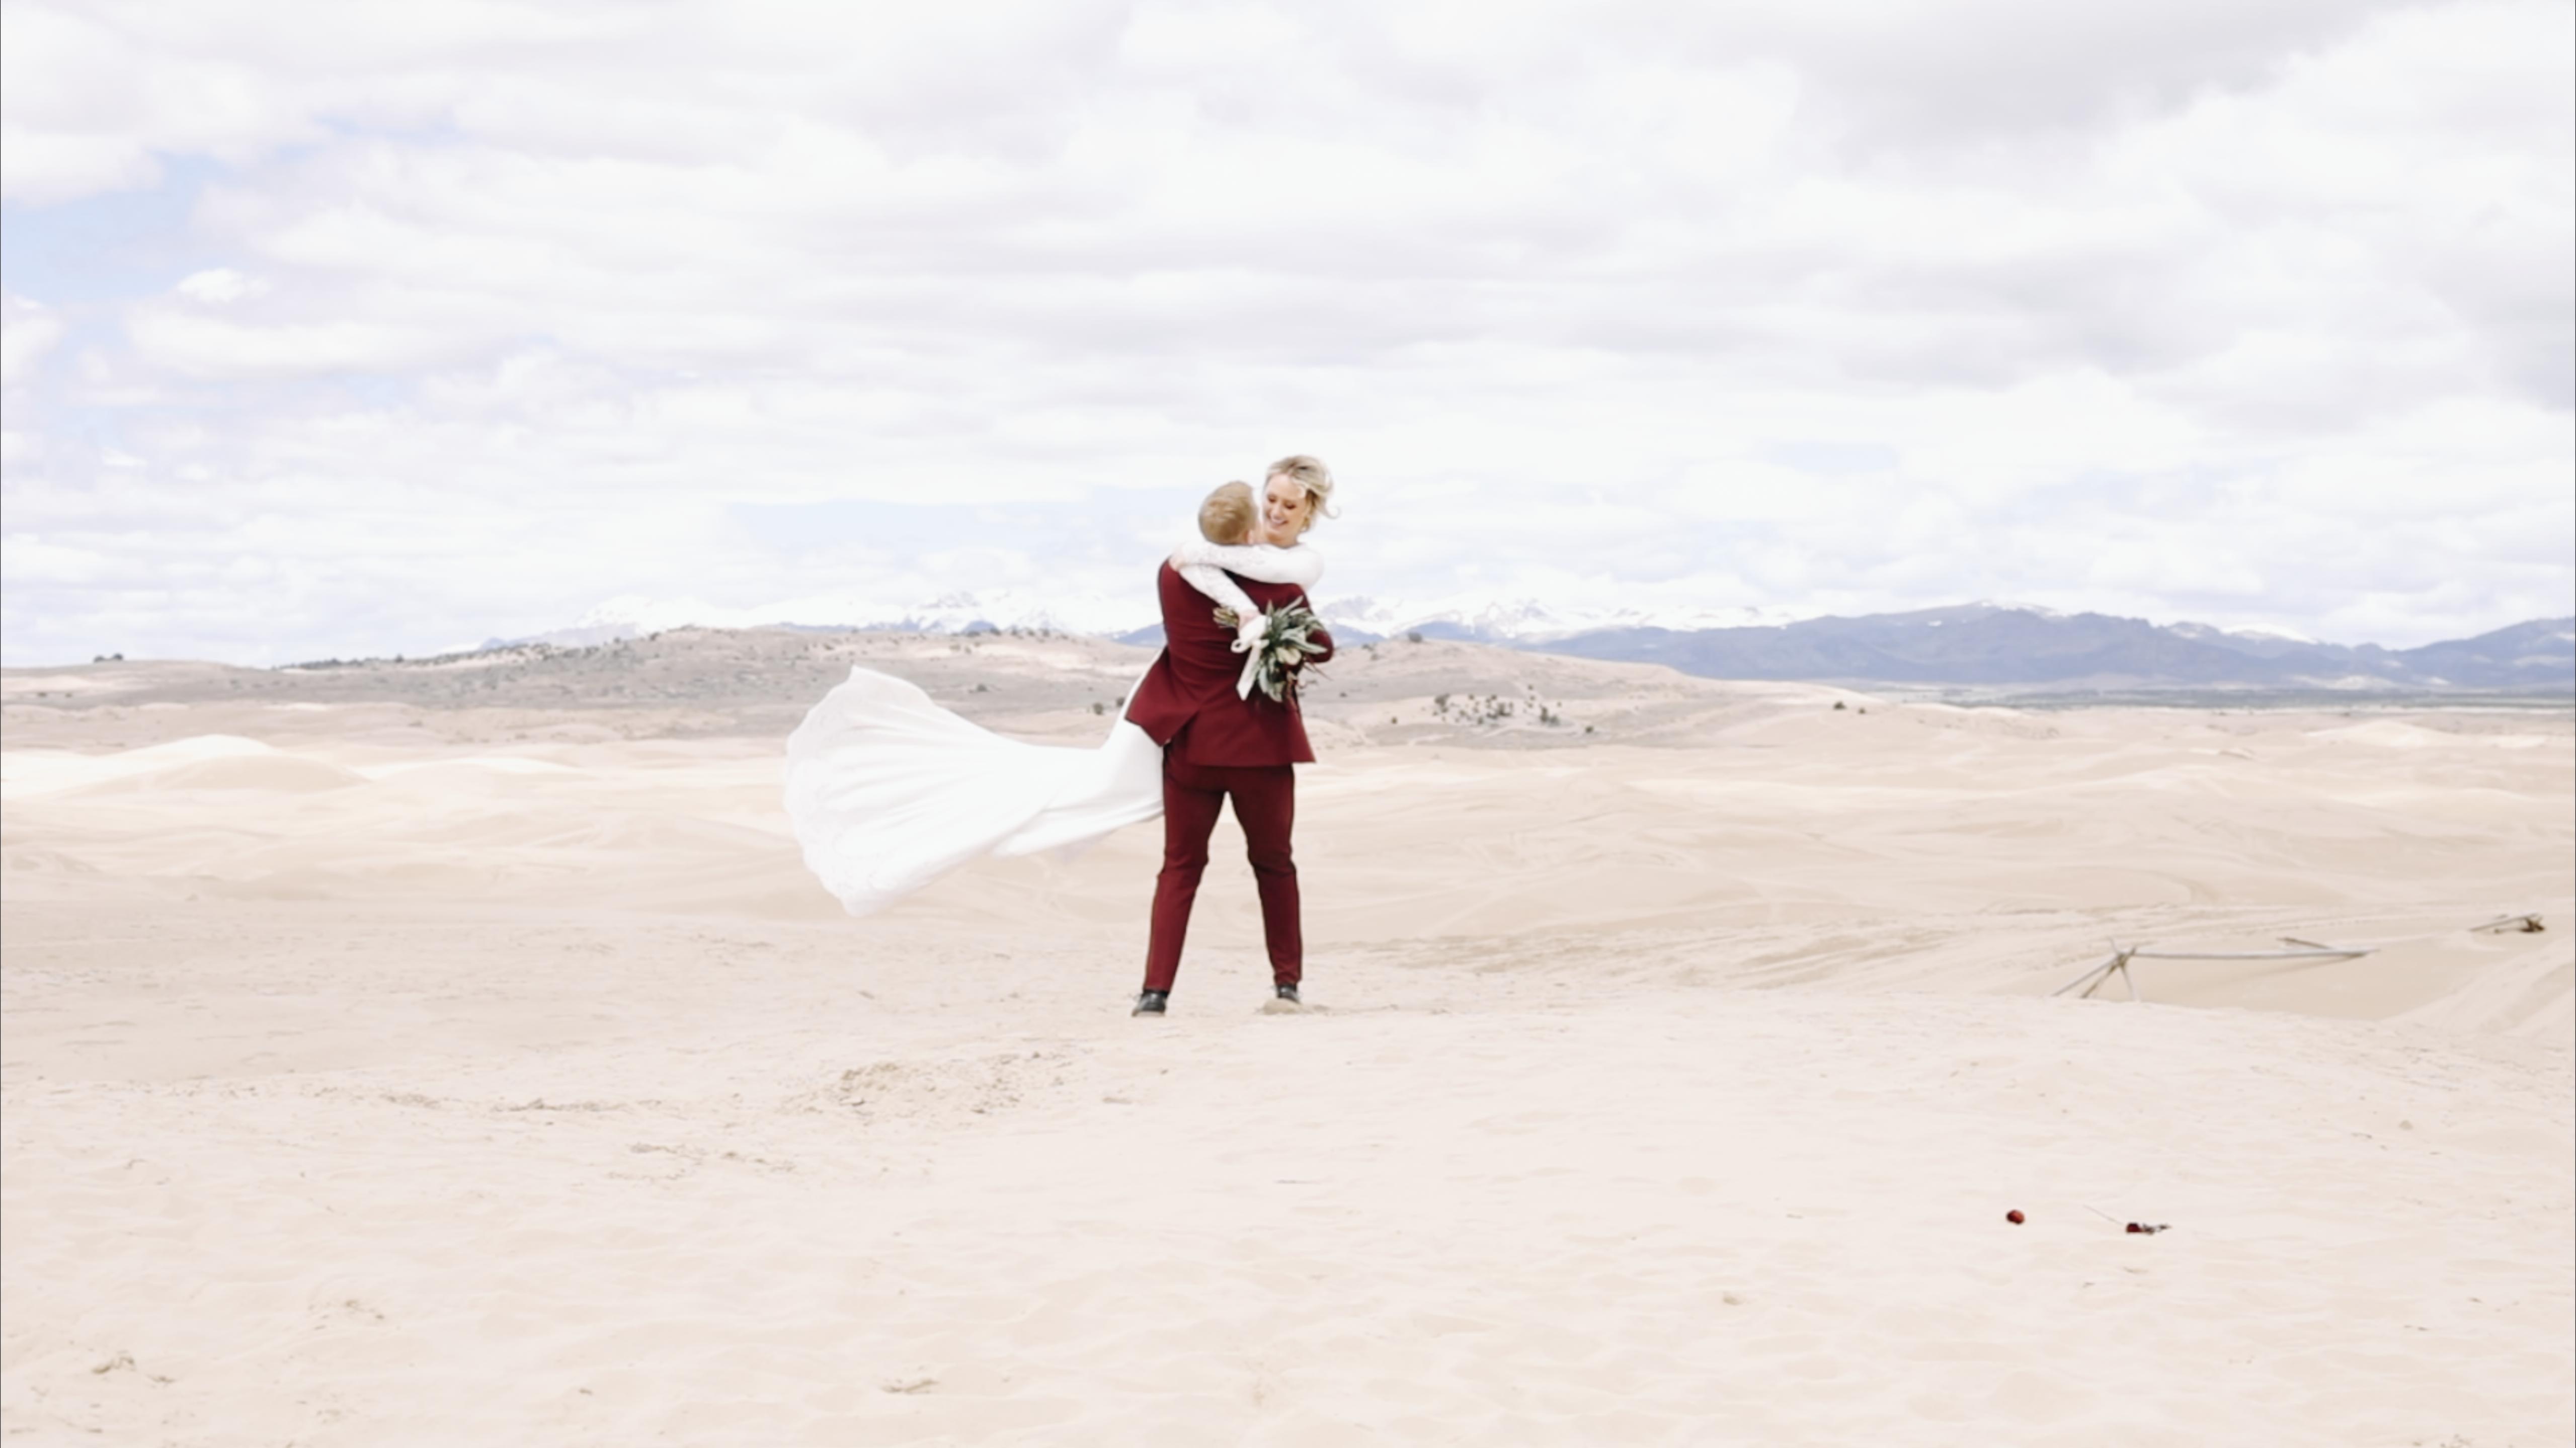 Jarom + Shanessa | Juab County, Utah | Little Sahara Sand Dunes